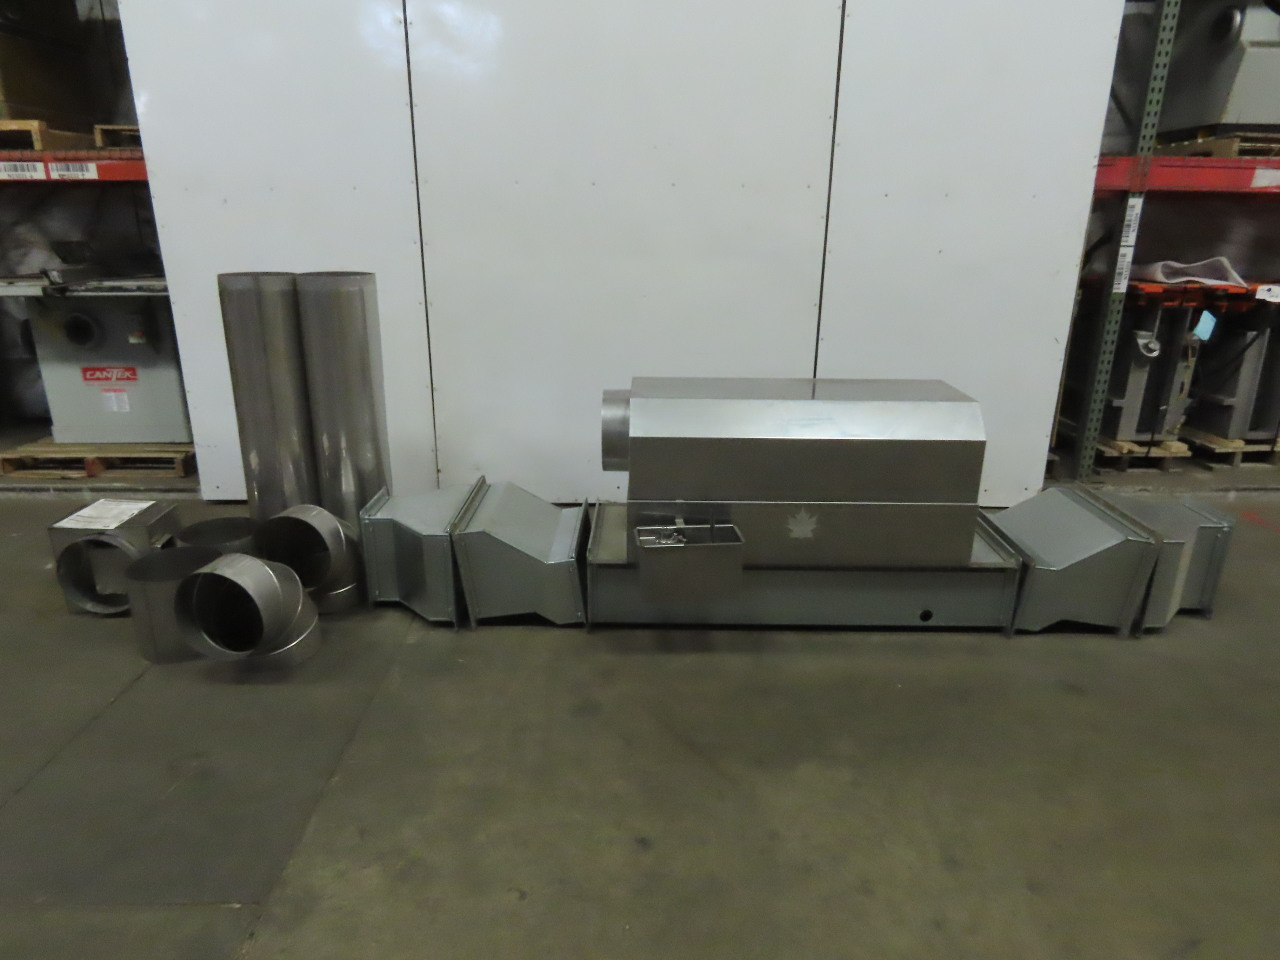 Powdercoat Pretreatment Exhaust Phosphate Water Stainless Steel Evaporator